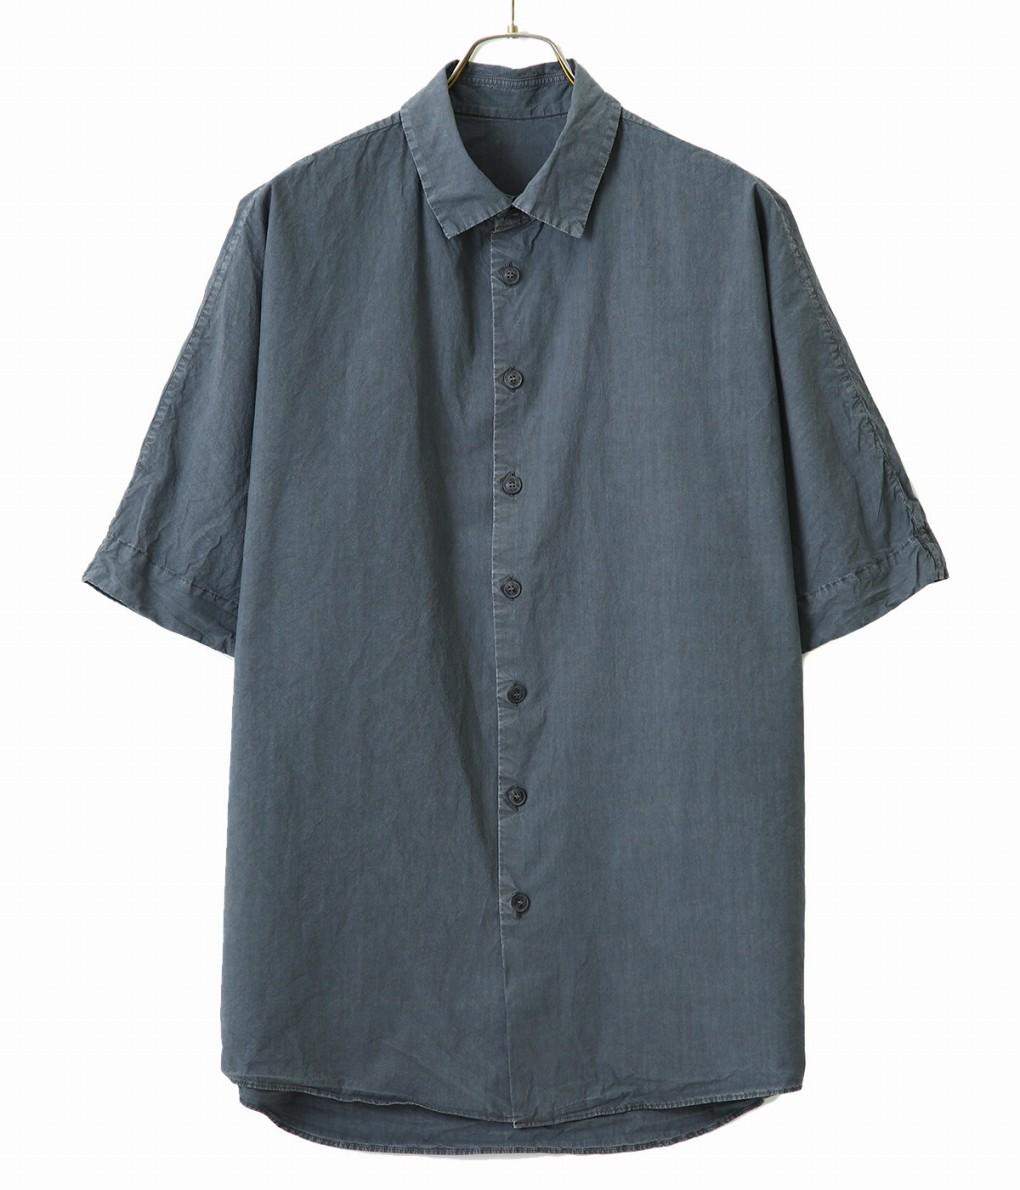 CASEY CASEY / ケイシー ケイシー : WAGA SHIRT / 全3色 : ケイシーケイシー ワガ シャツ Tシャツ 半袖シャツ ティーシャツ メンズ : 12HC122 【RIP】